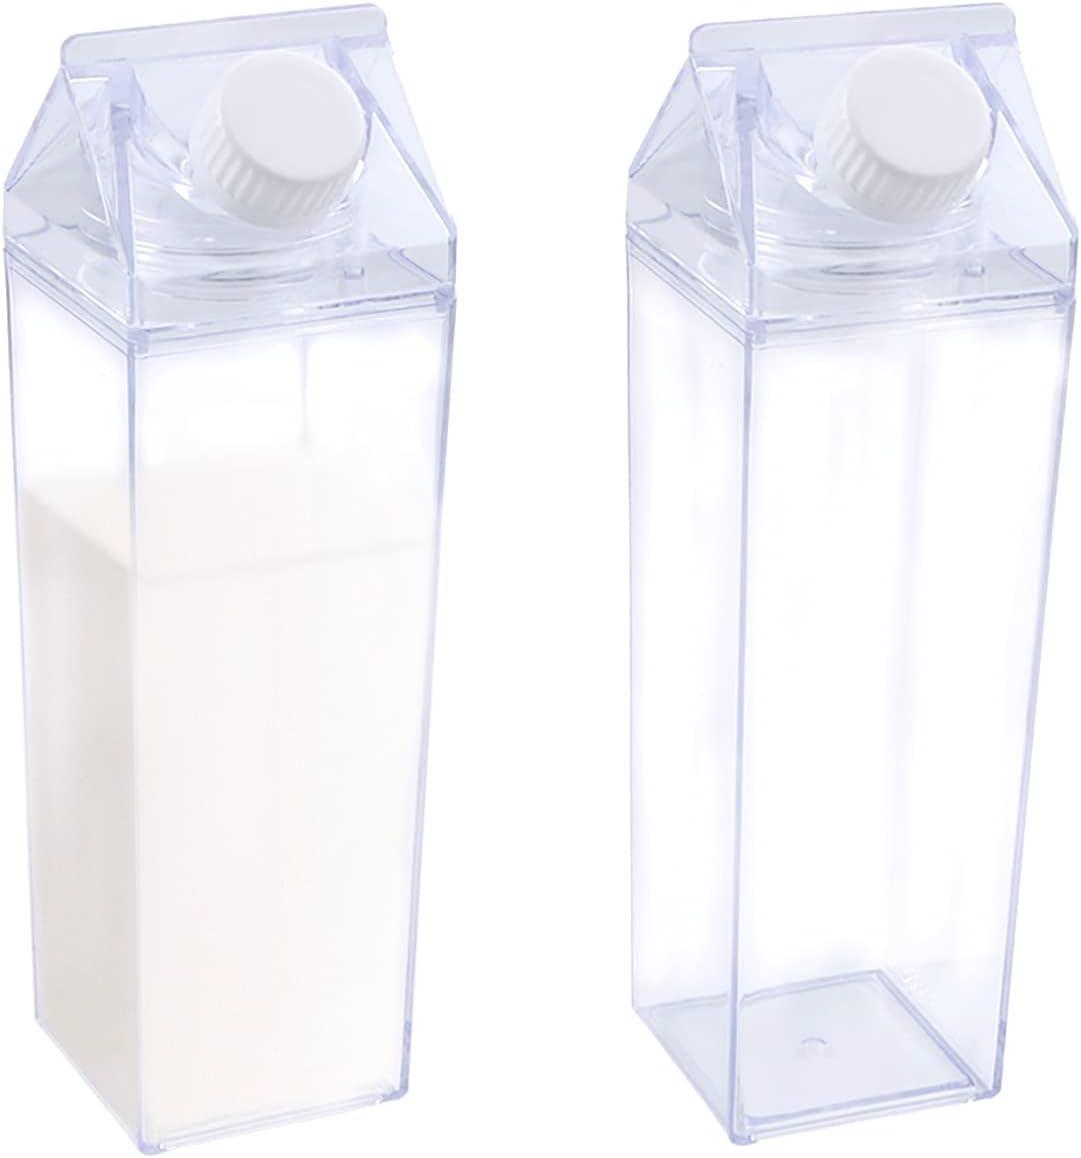 Jodsen Botella de Agua de cartón de Leche,Paquete de 2 Botellas de Agua de Recarga de Jugo cuadradas Transparentes,Recipiente Lindo Reutilizable de 500 ml para Actividades de Viaje